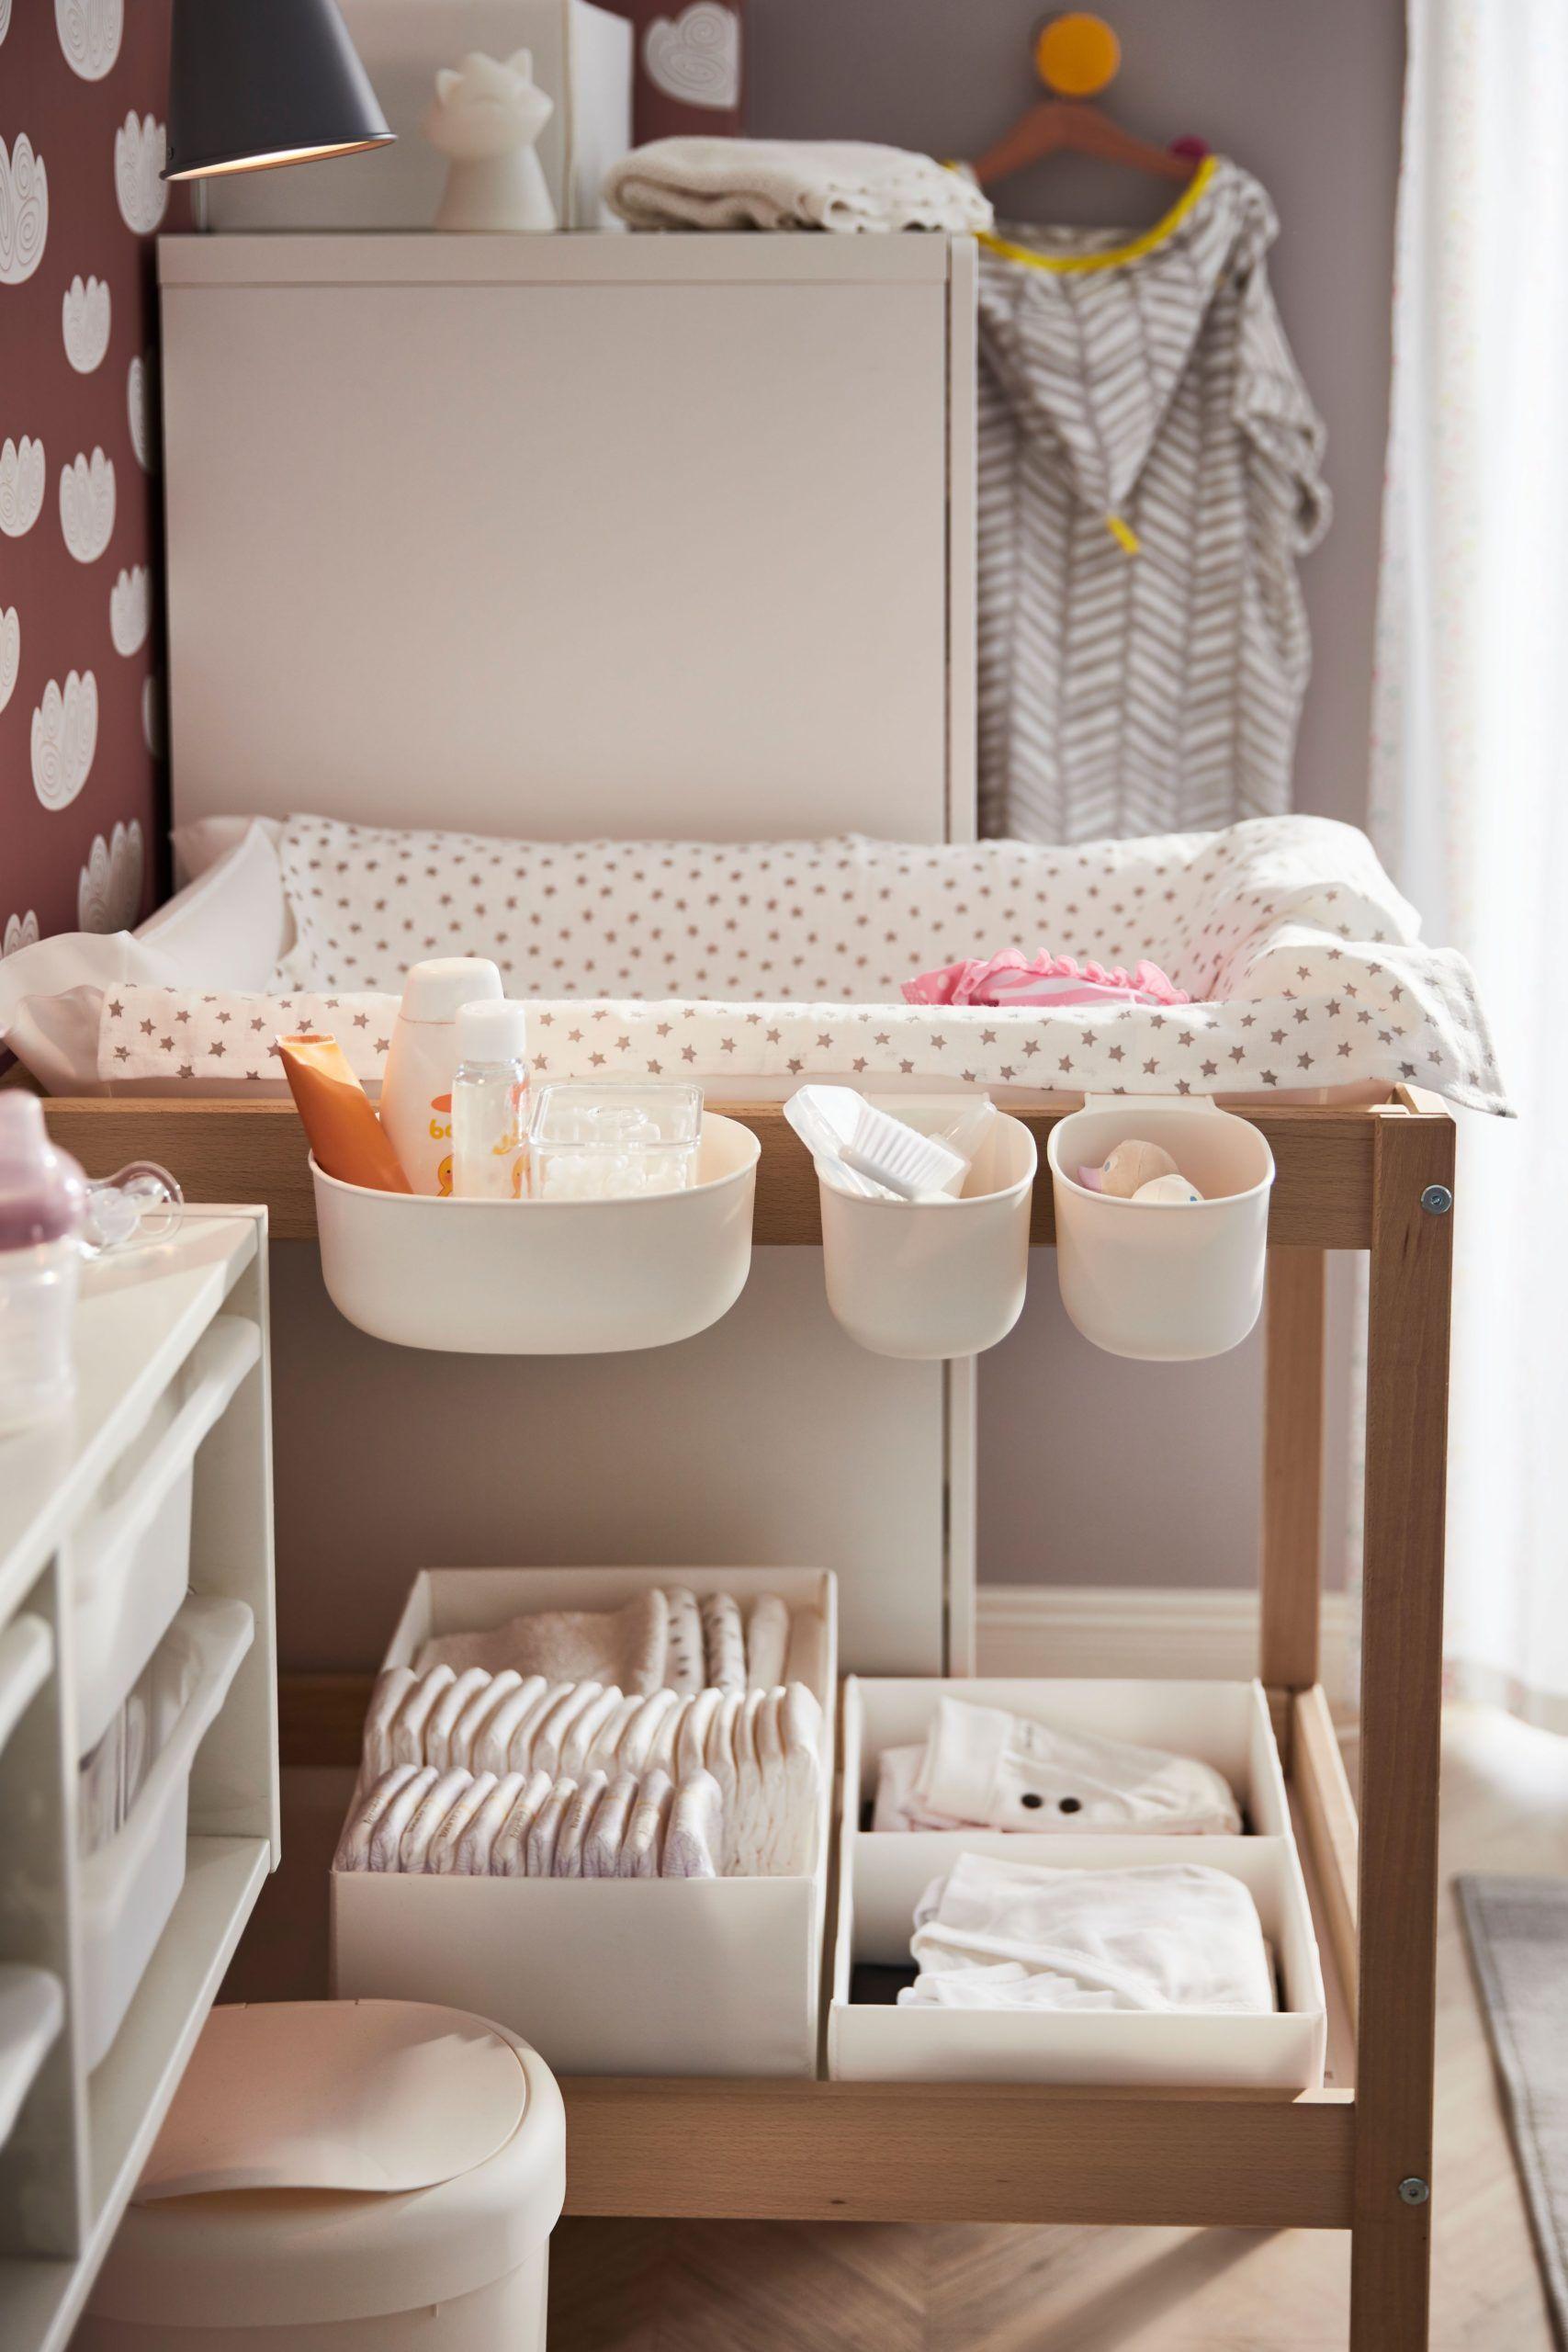 Viel Spaß beim Wechseln! -   15 room decor Ikea parents ideas